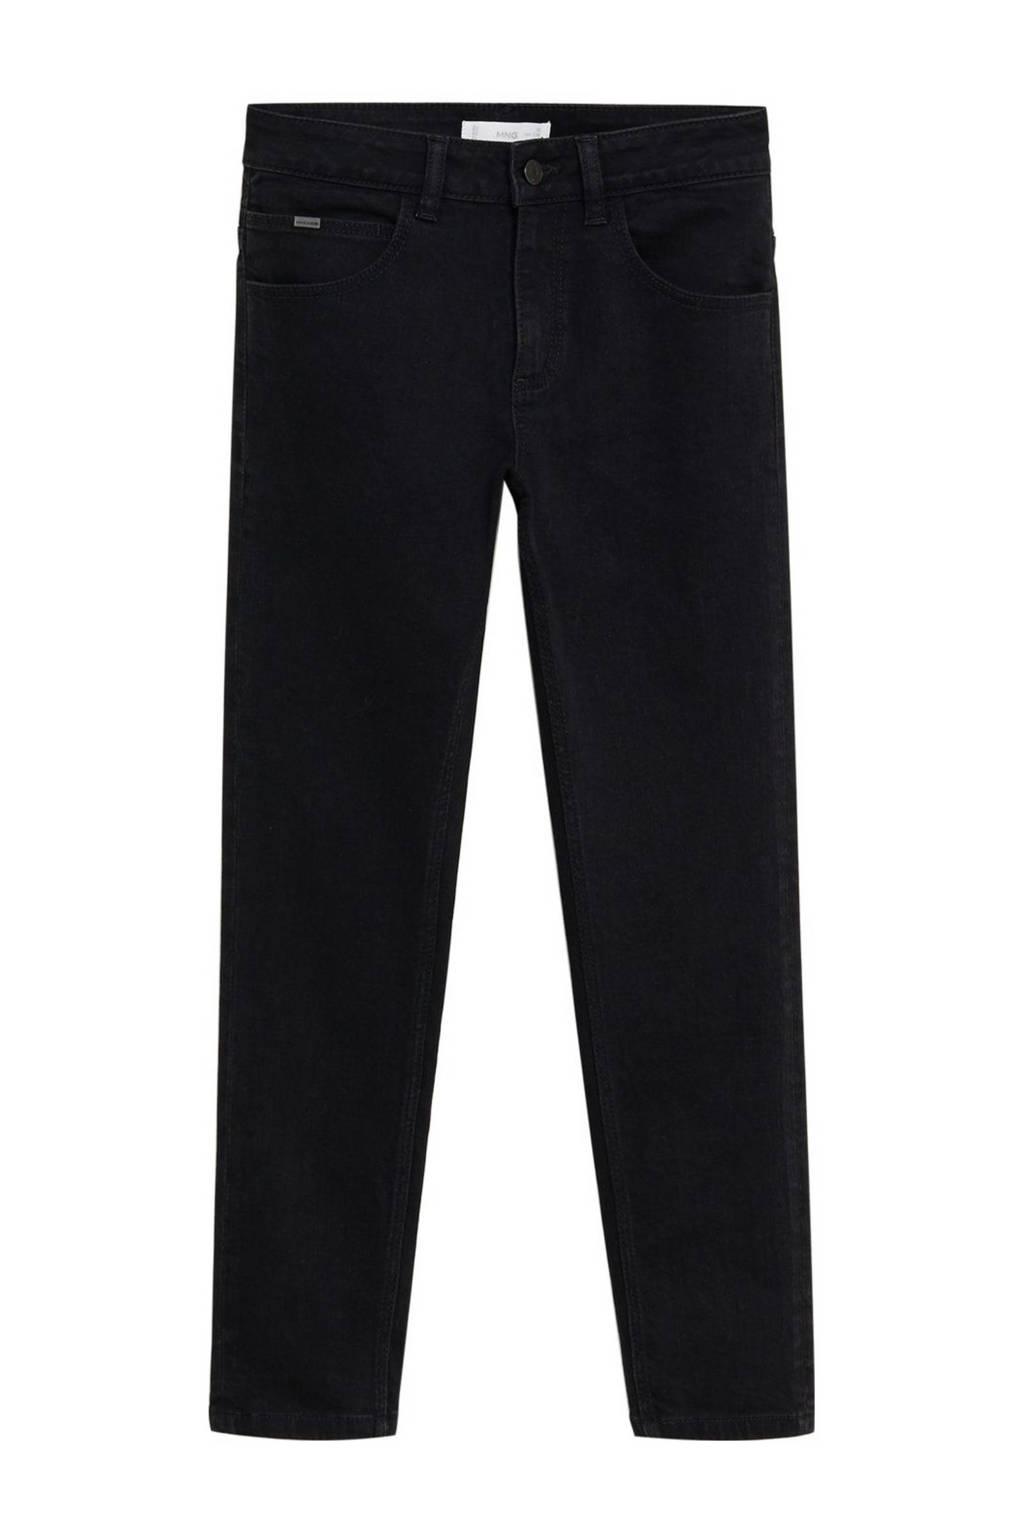 Mango Kids regular fit jeans zwart, Zwart